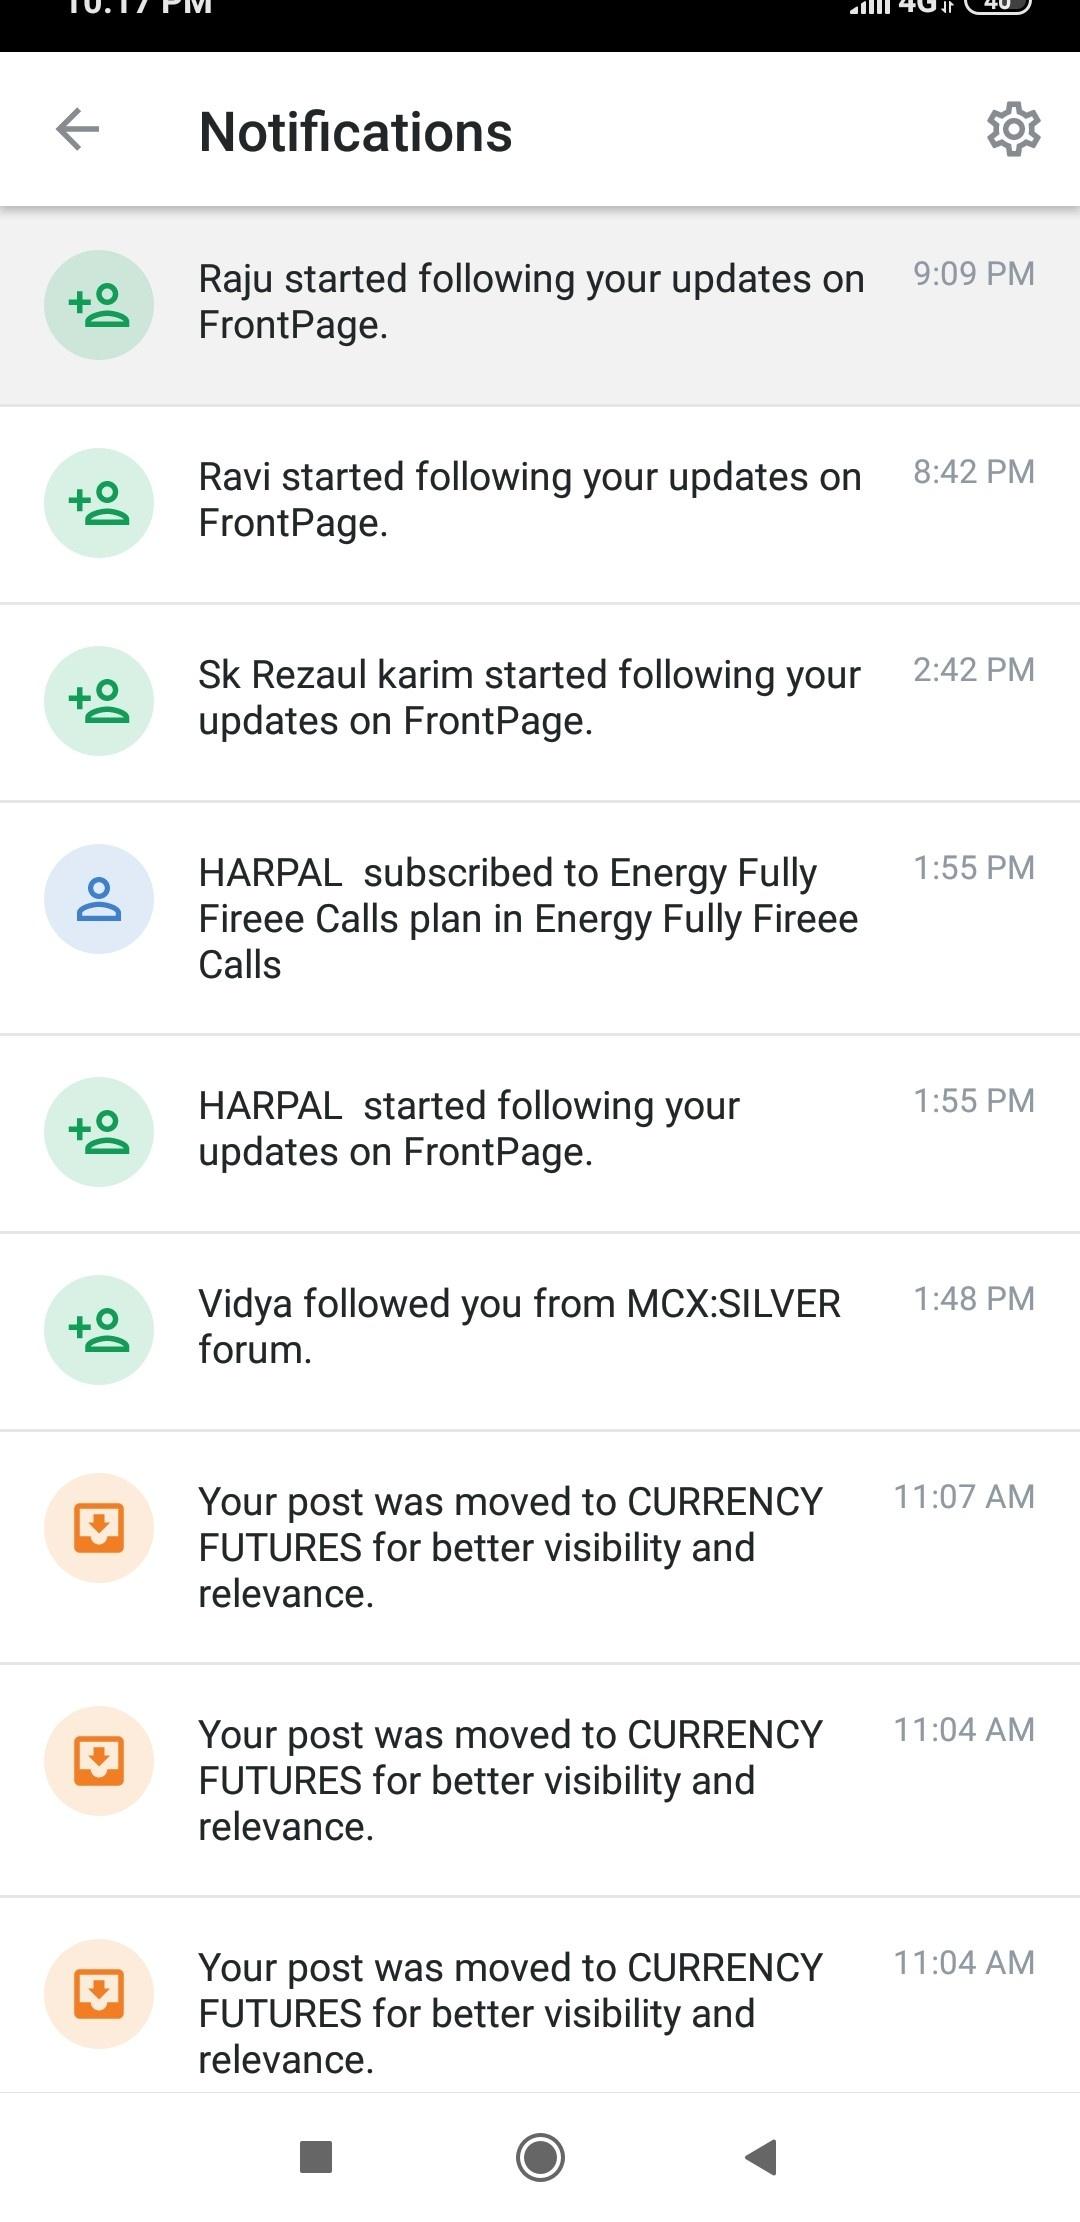 @santoshgupta-HkLmdCjAV's activity - 399886